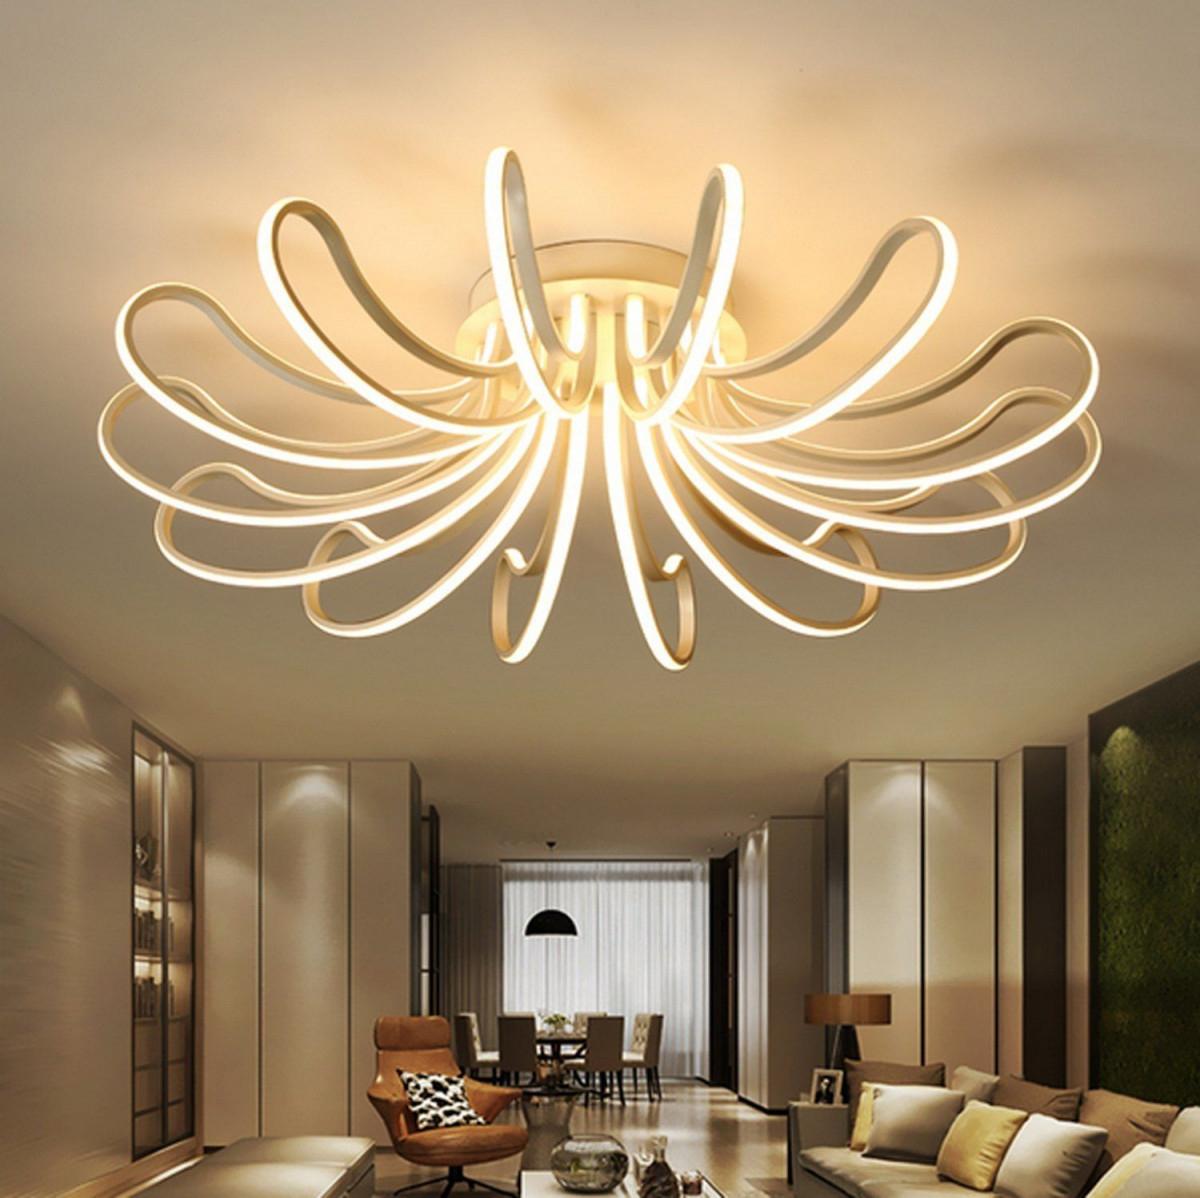 Waineg Designer Moderne Leddeckenleuchten Wohnzimmer von Led Lampe Wohnzimmer Photo